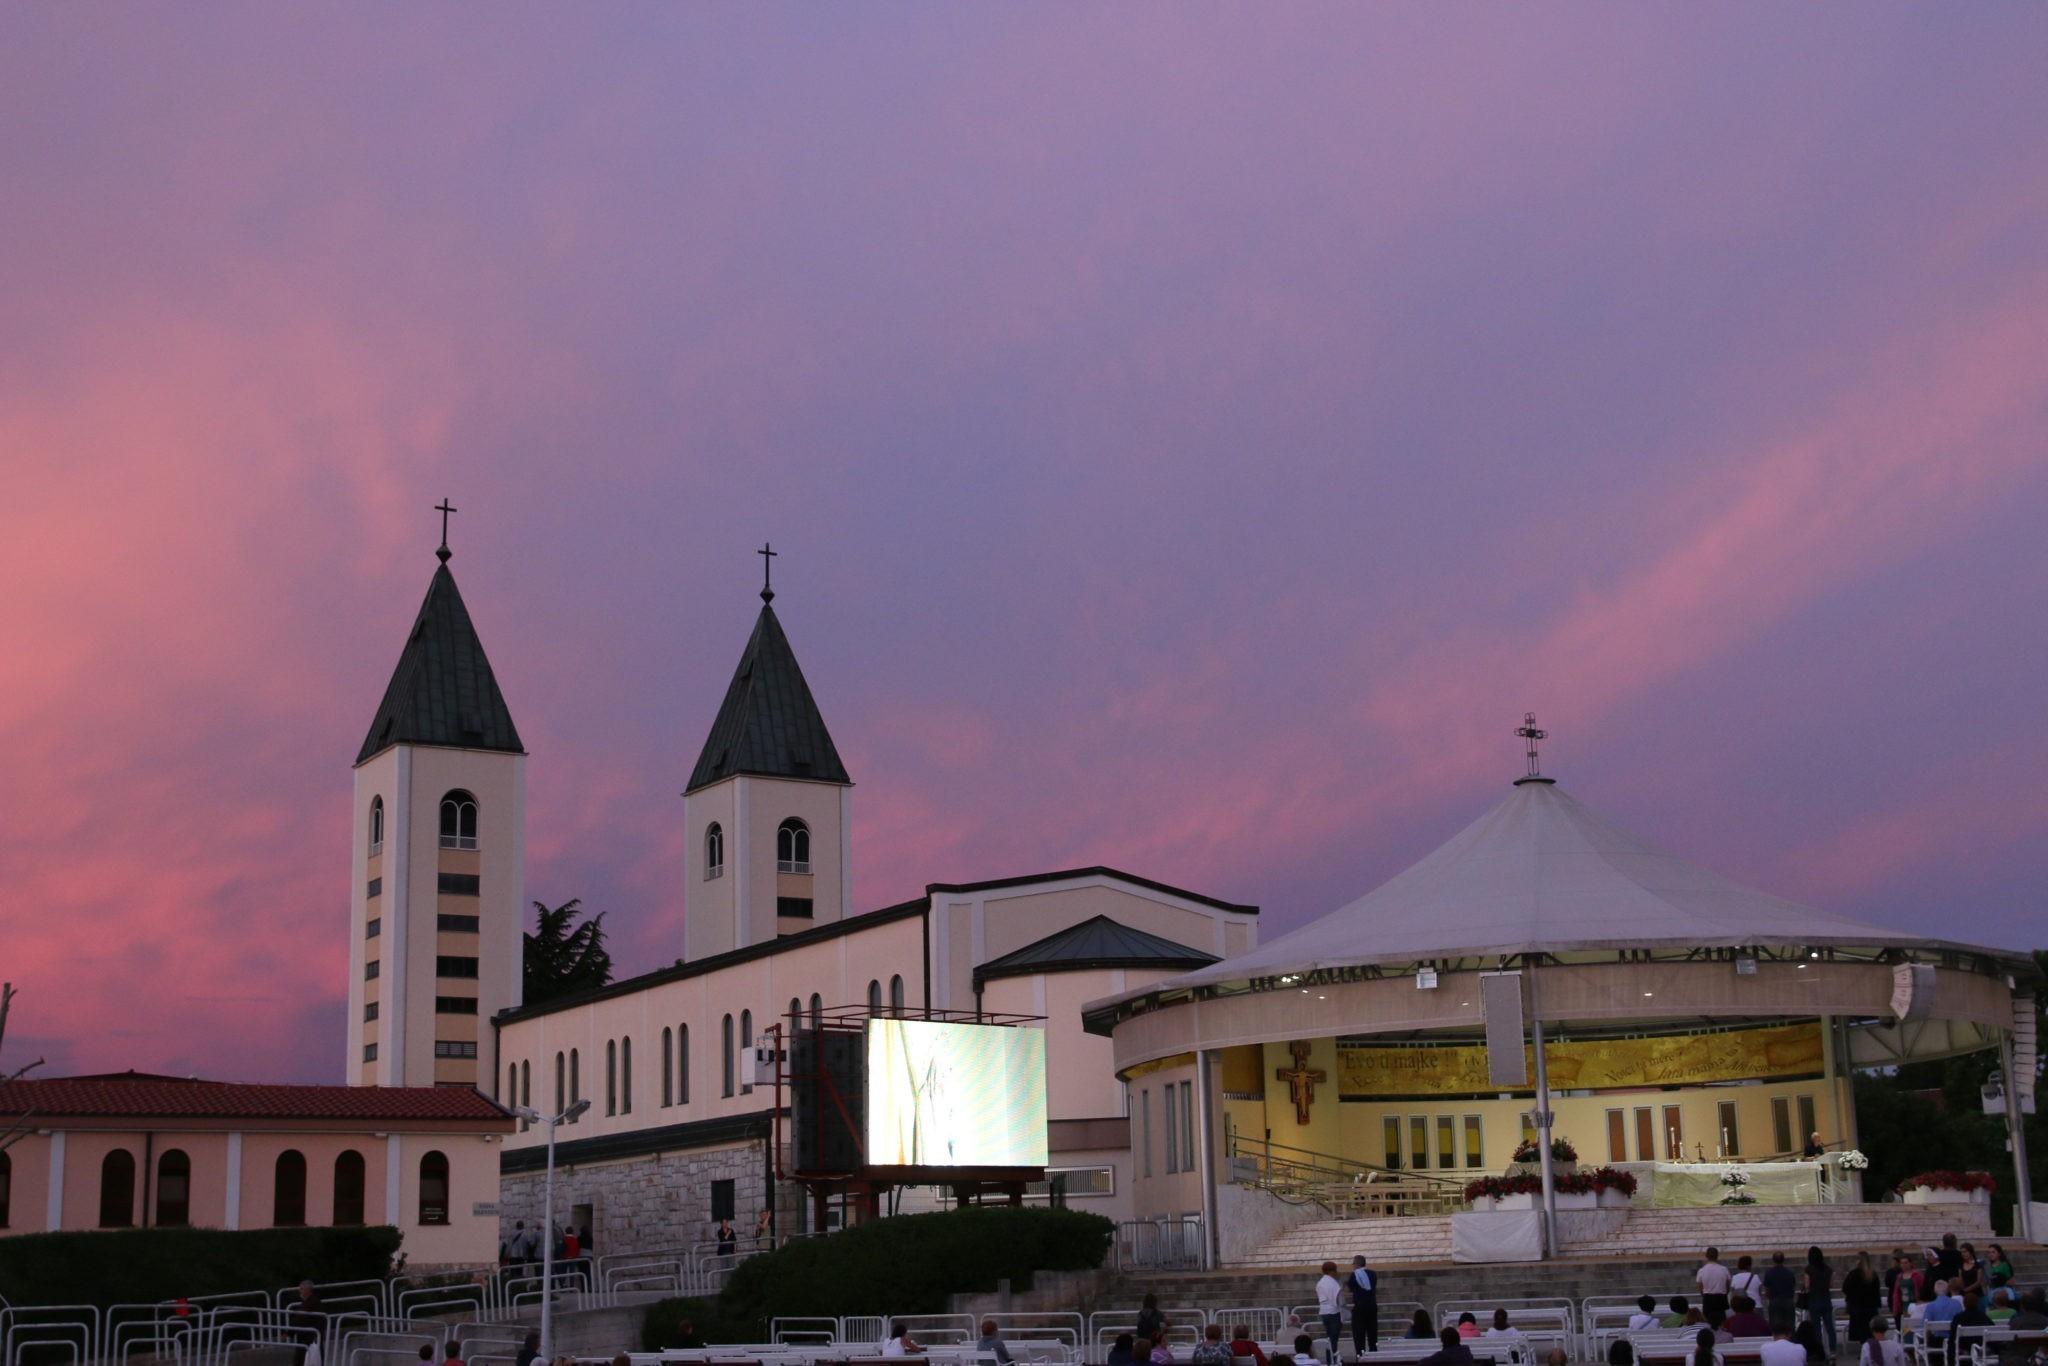 Pellegrinaggio Medjugorje dal 12 al 17 agosto 2015